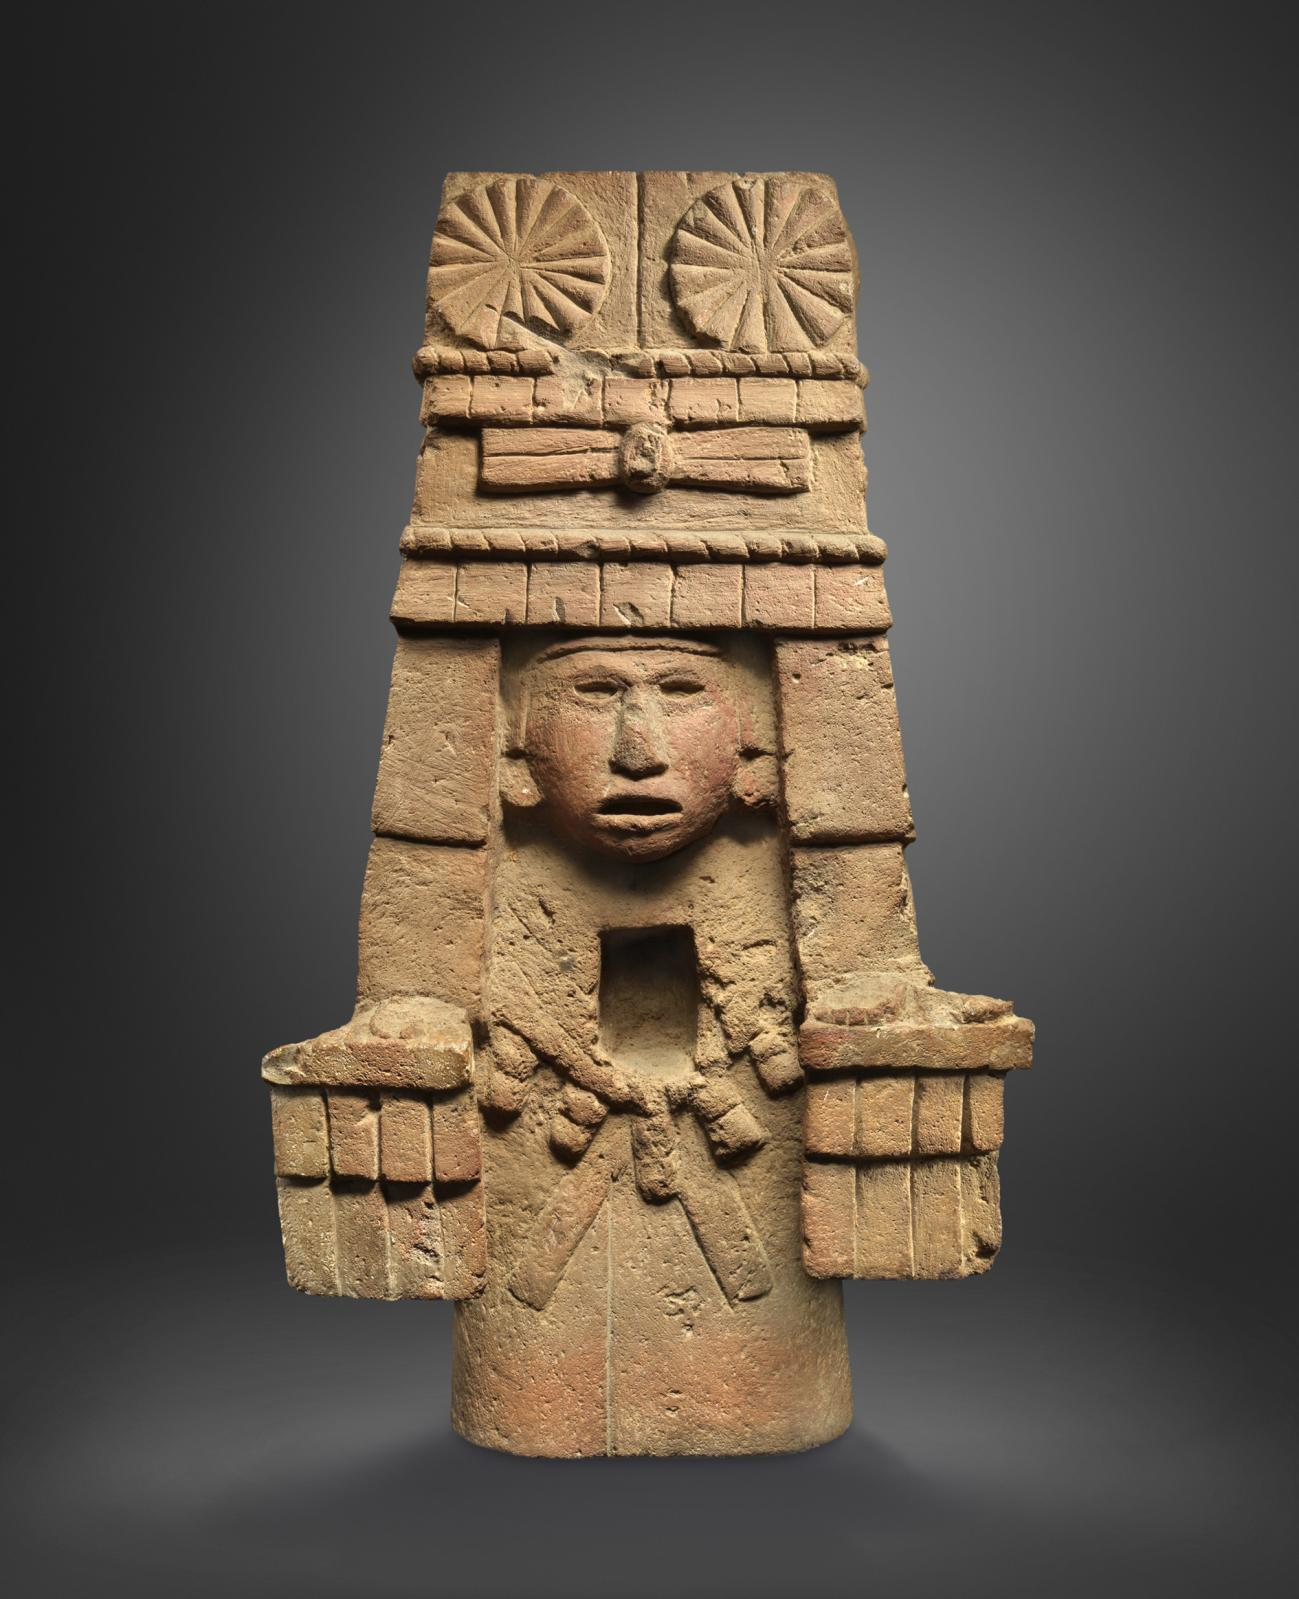 Mexique, Aztèque, 1300-1521 apr.J.-C. Déesse du maïs, basalte rose, 55x32,5x16cm.